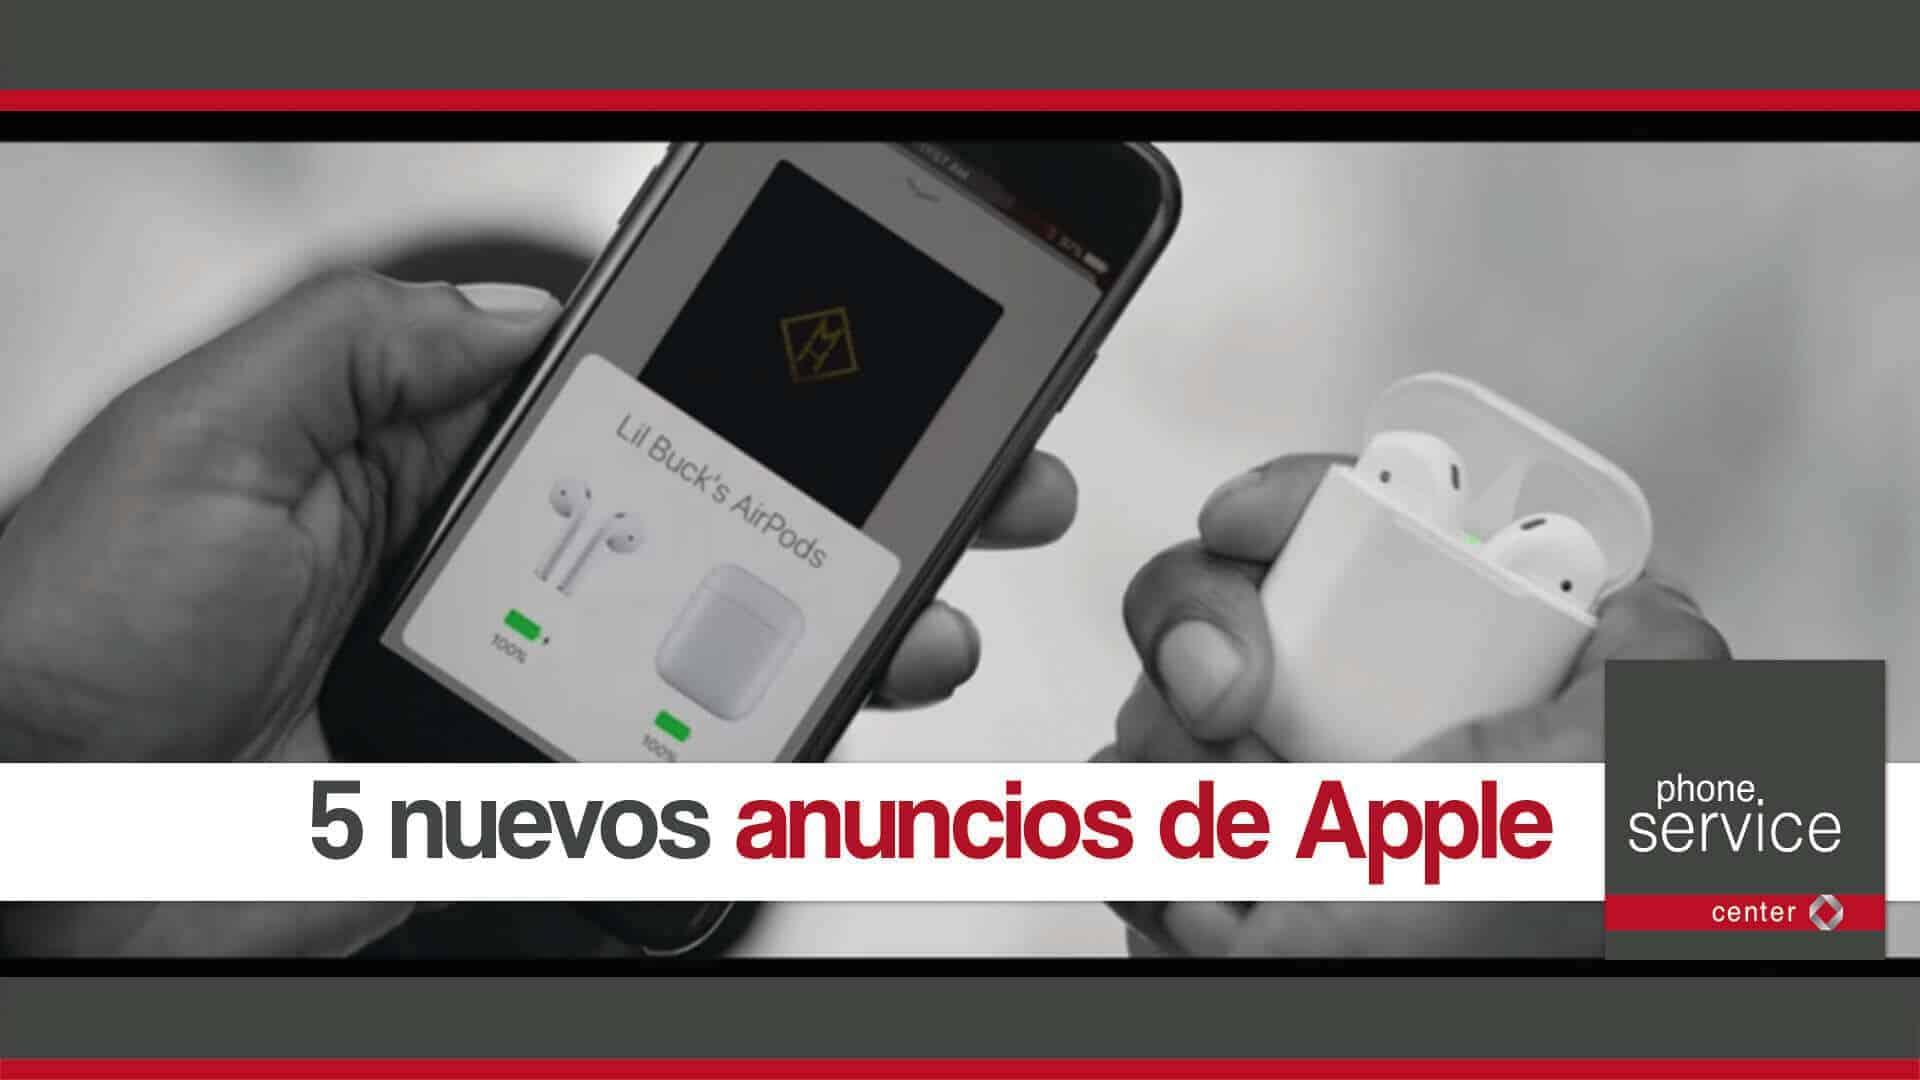 5 nuevos anuncios de Apple